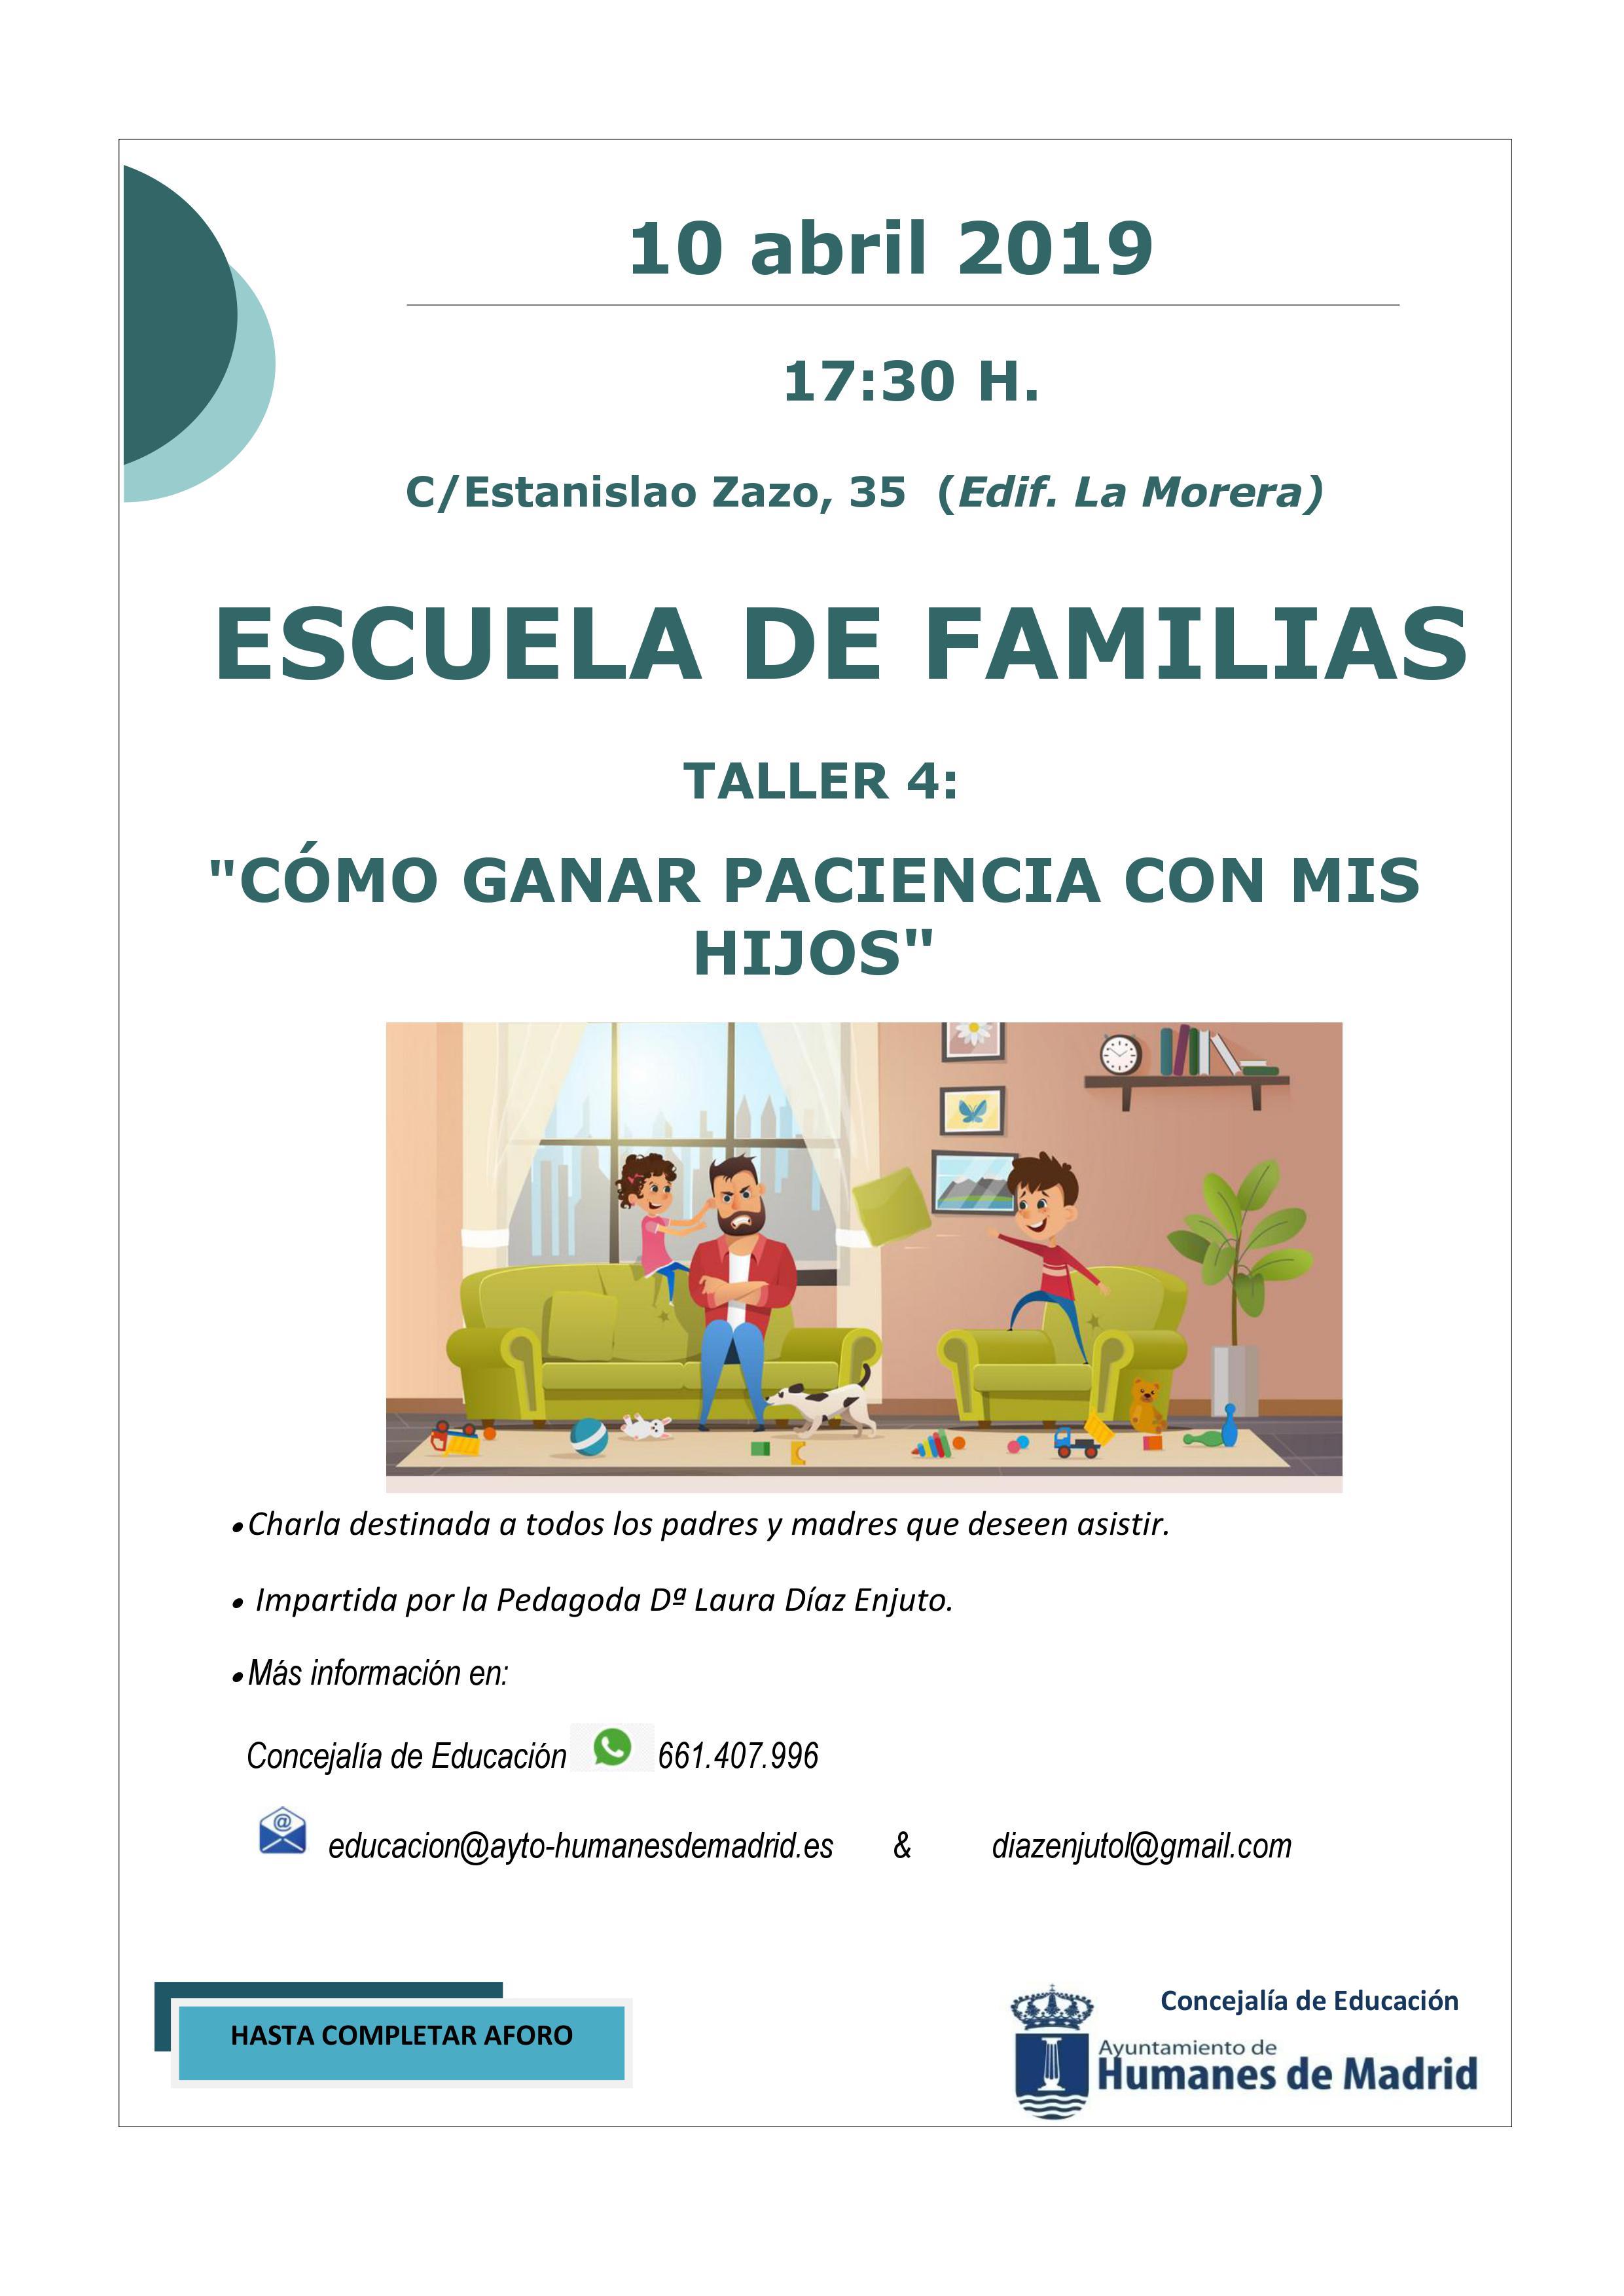 El 10 de abril se impartirá el cuarto taller de la nueva «Escuela de Familias»: «Cómo ganar paciencia con mis hijos»